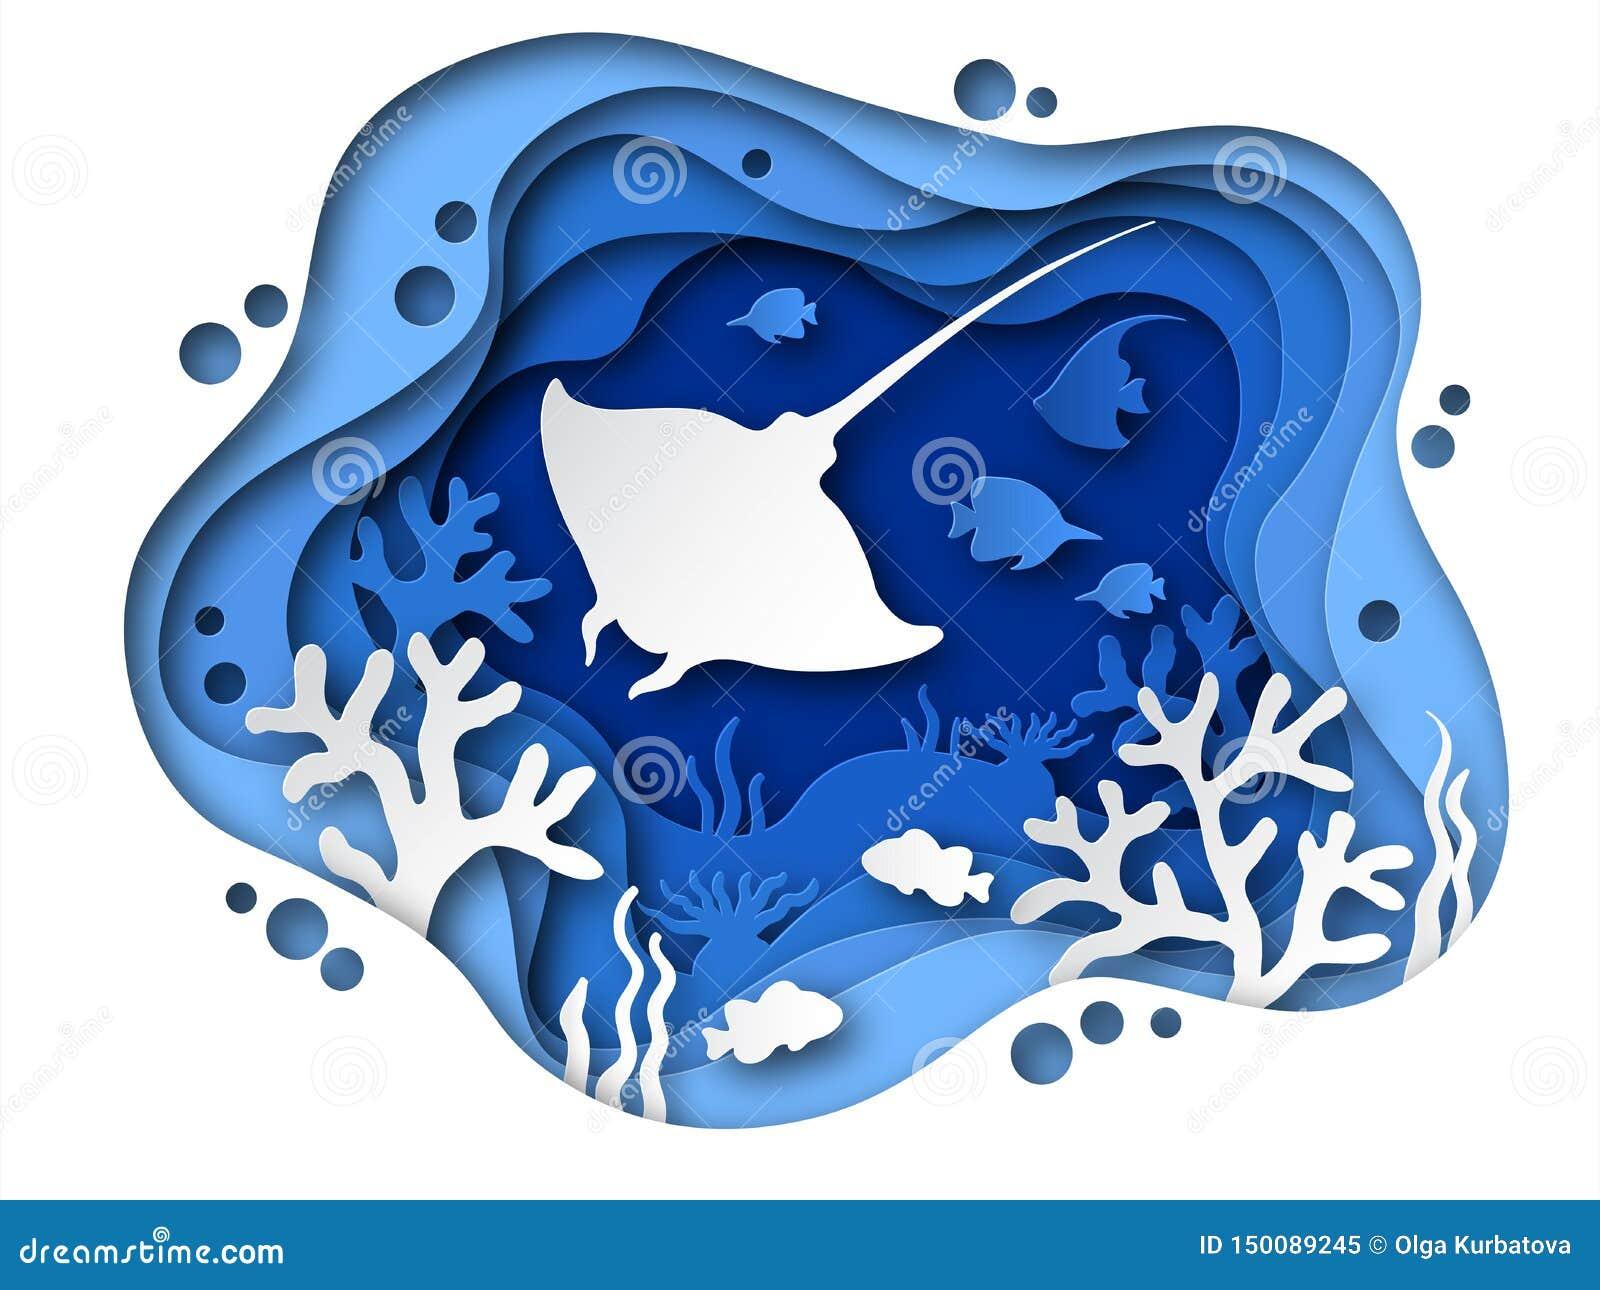 Podwodny papieru cięcie Oceanu dno z dennymi zwierzętami, koralami i ryb sylwetkami, Tropikalny papier ablegrująca dno morskie ja